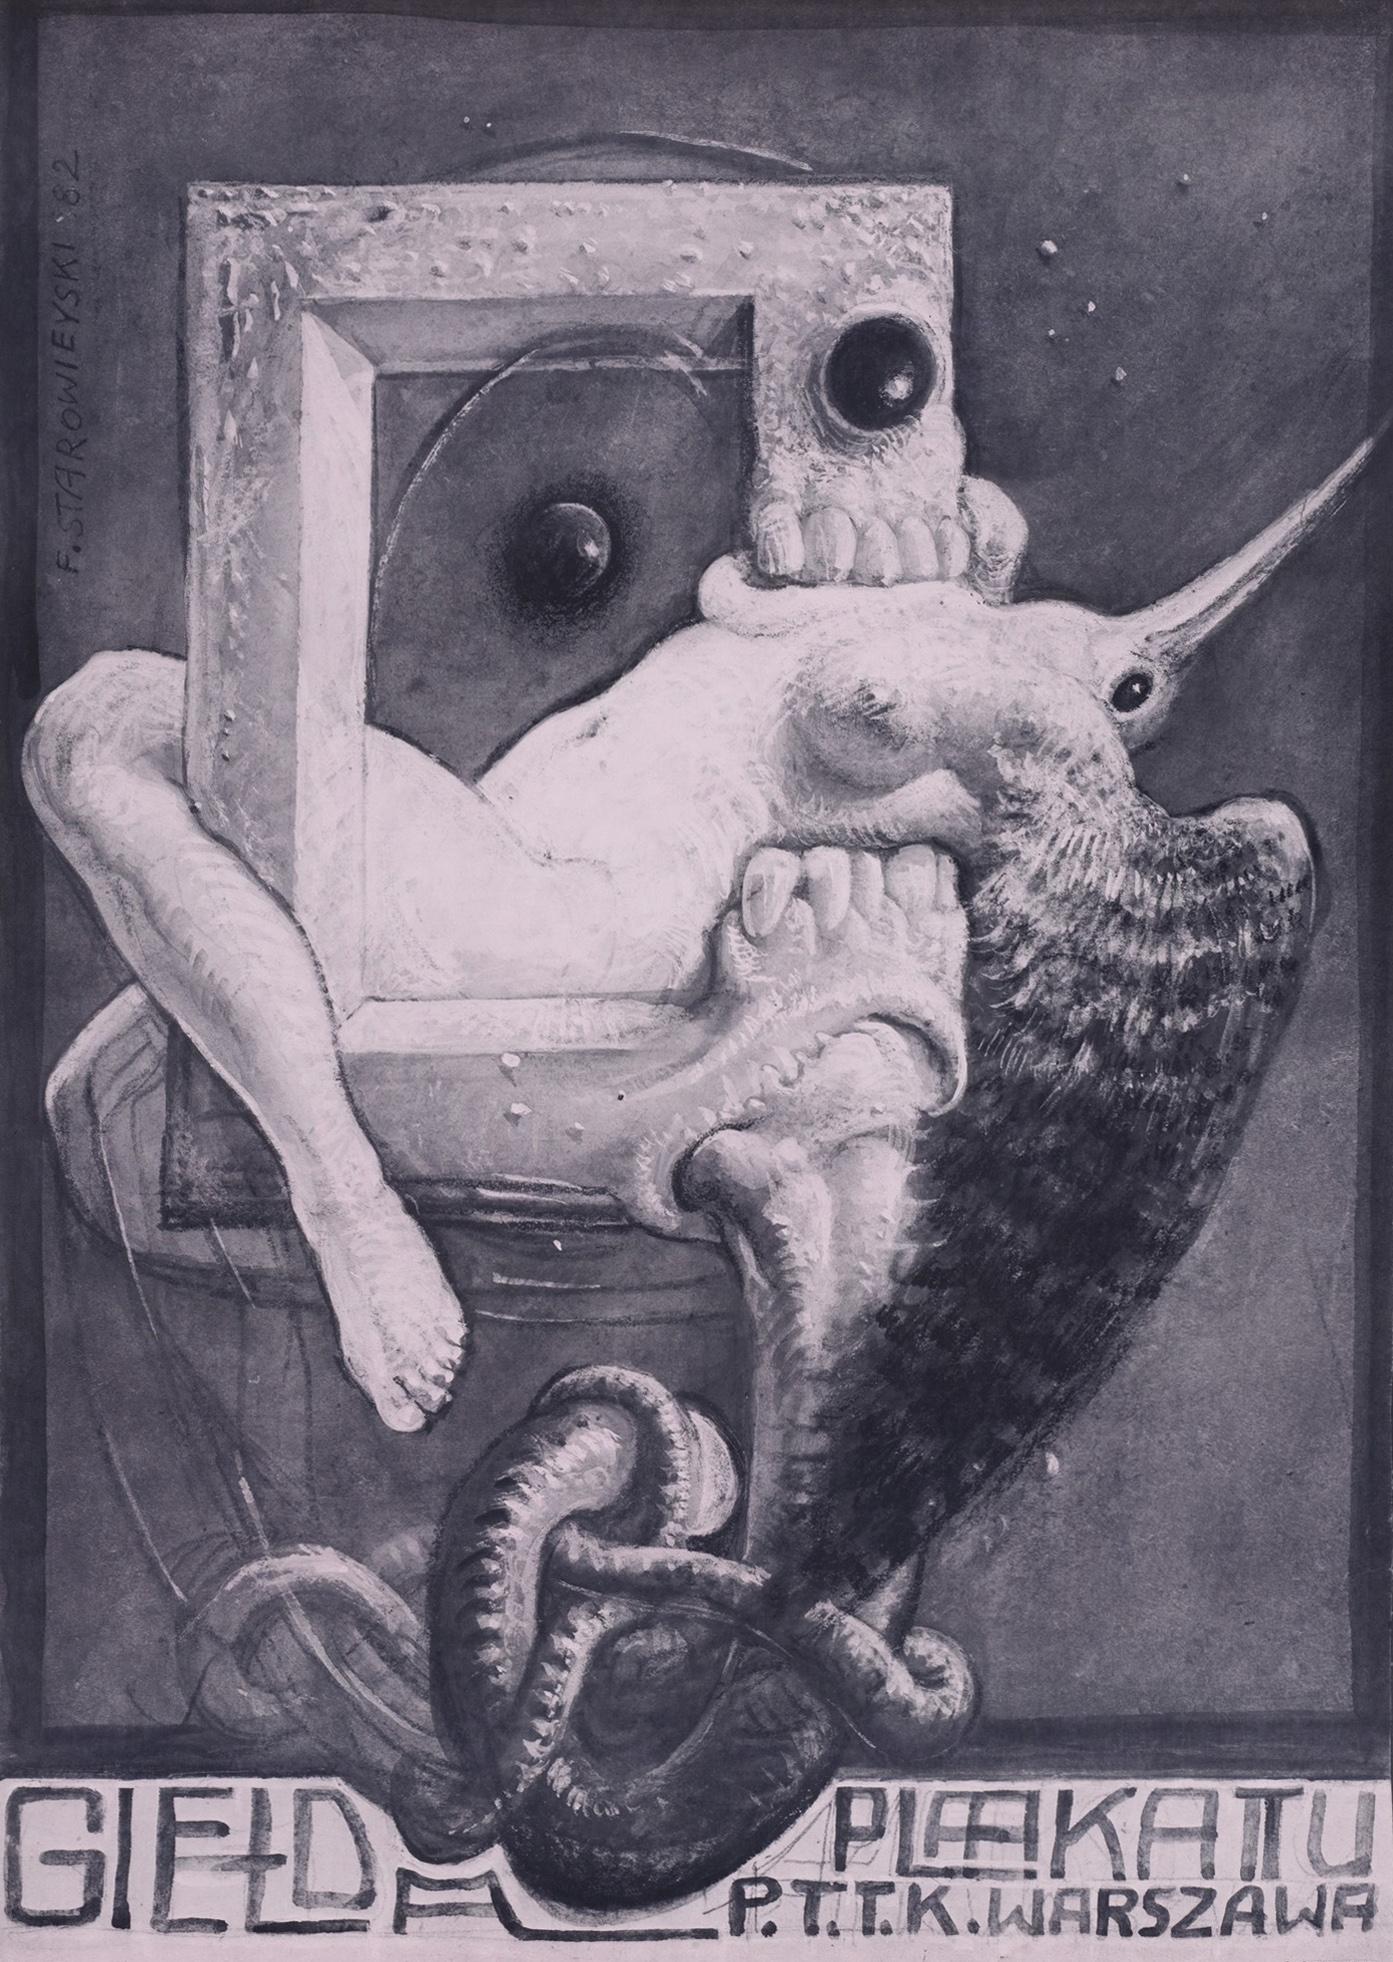 Franciszek Starowieyski - Gielda Plaakattu, 1982